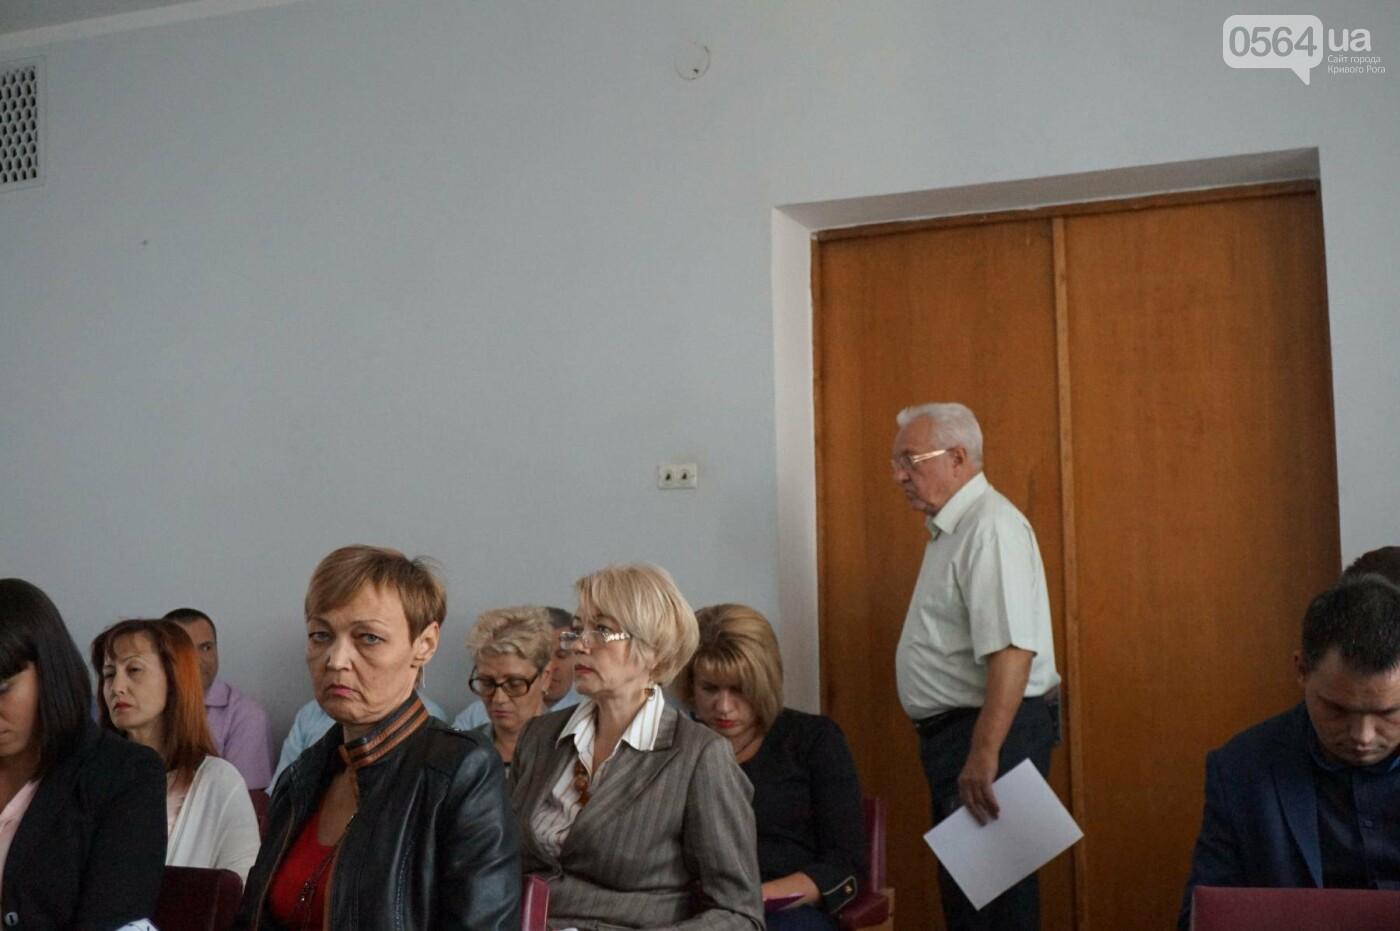 Лифтовое хозяйство Кривого Рога призвали защищать свое имущество (ФОТО), фото-1